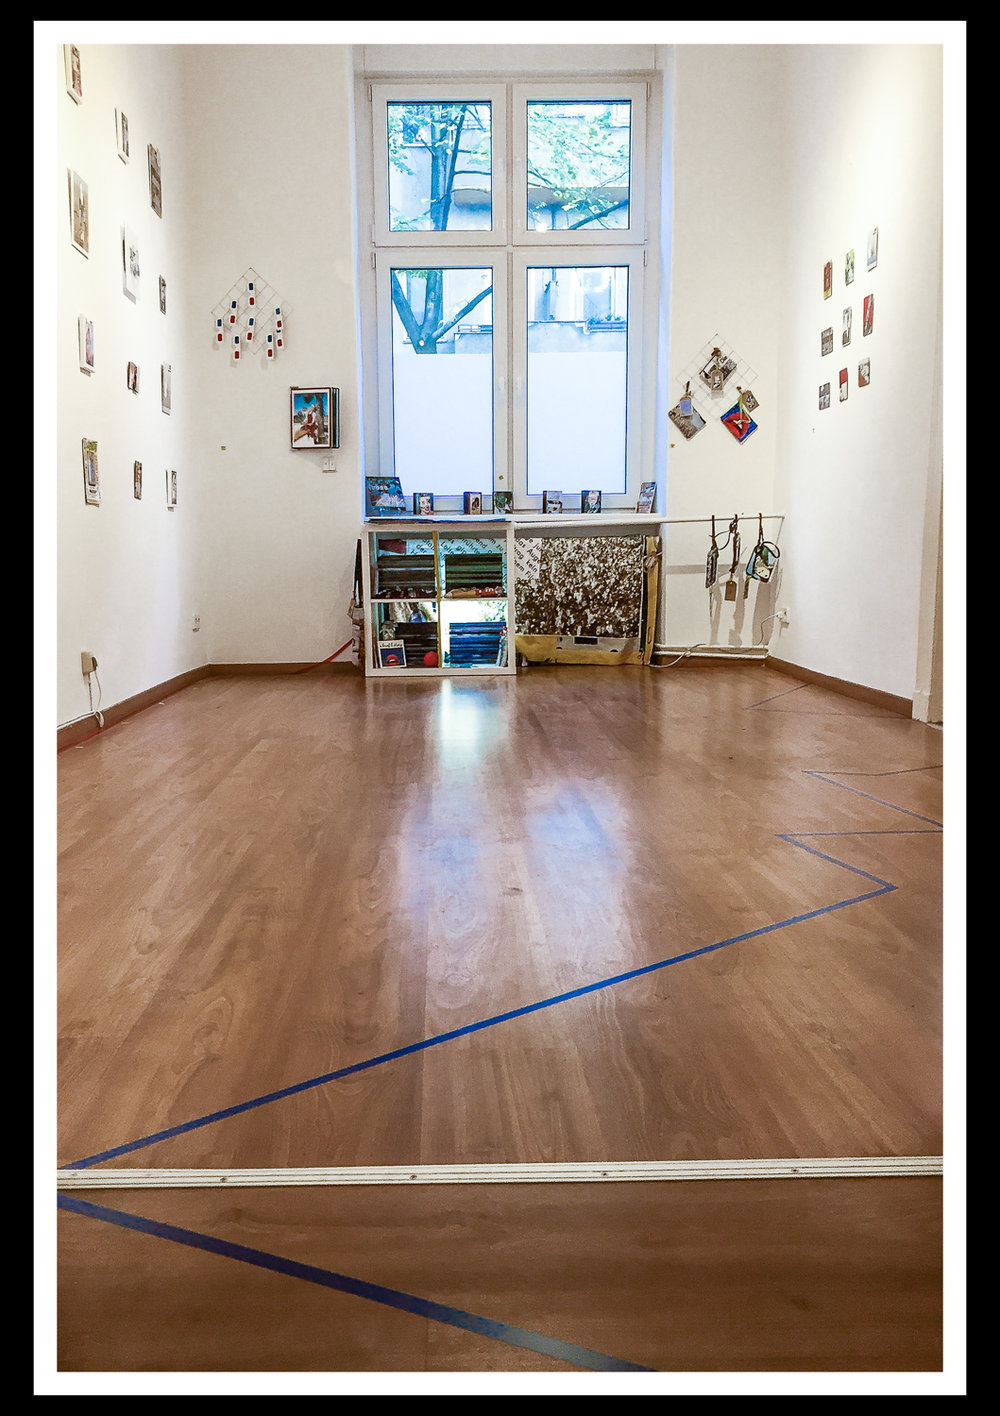 BardohlScheel-ExhibitionPhotos-HEYDT-19.jpg